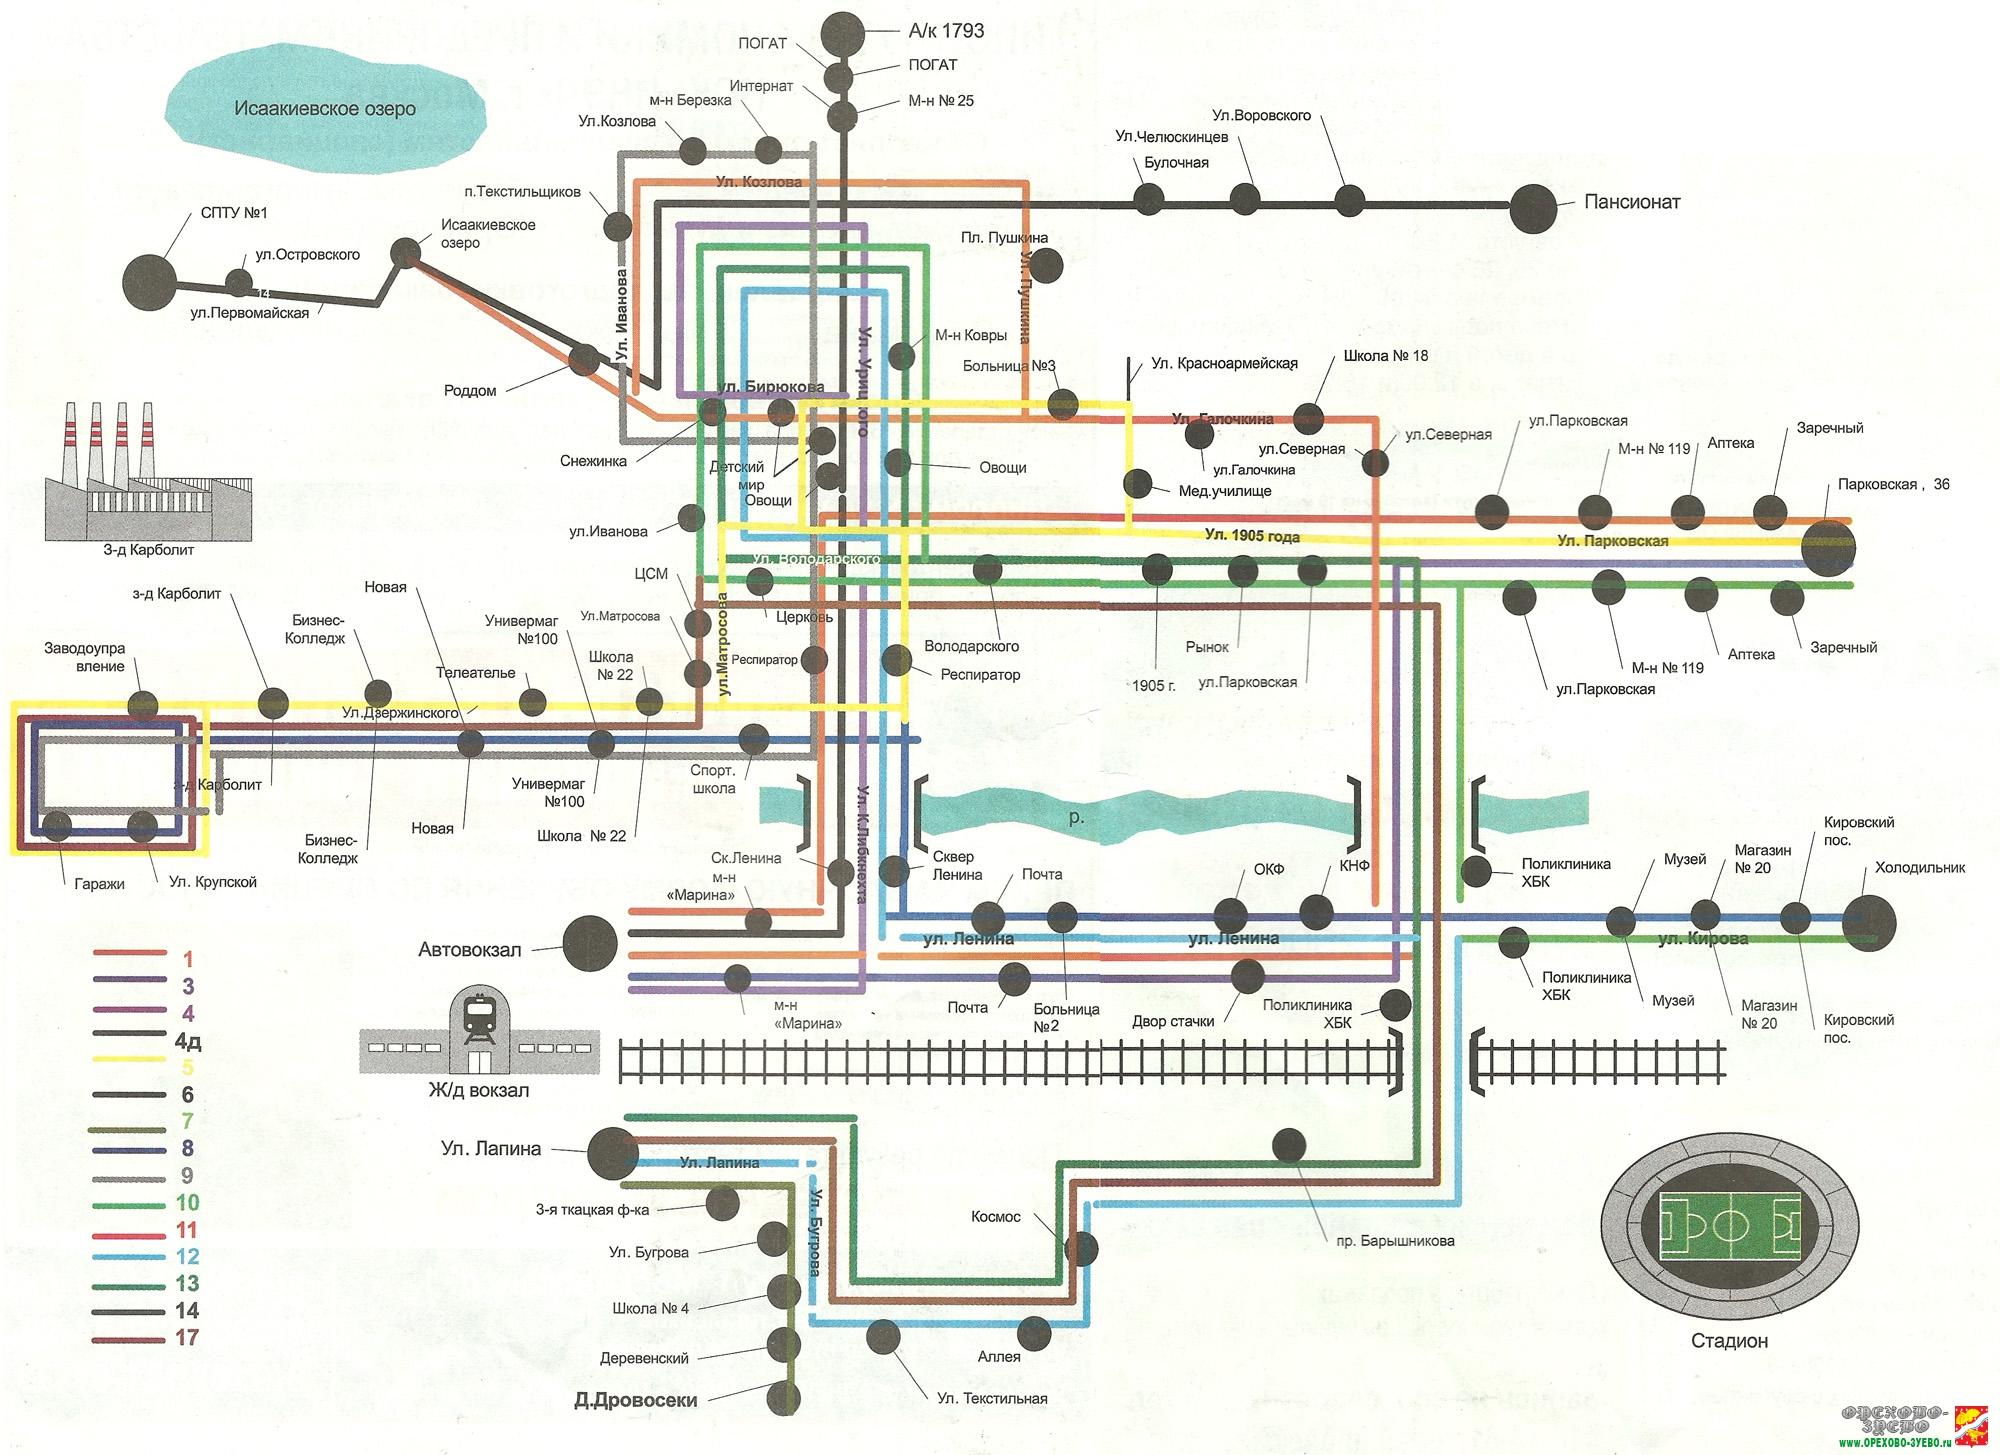 Схема движения пассажирского